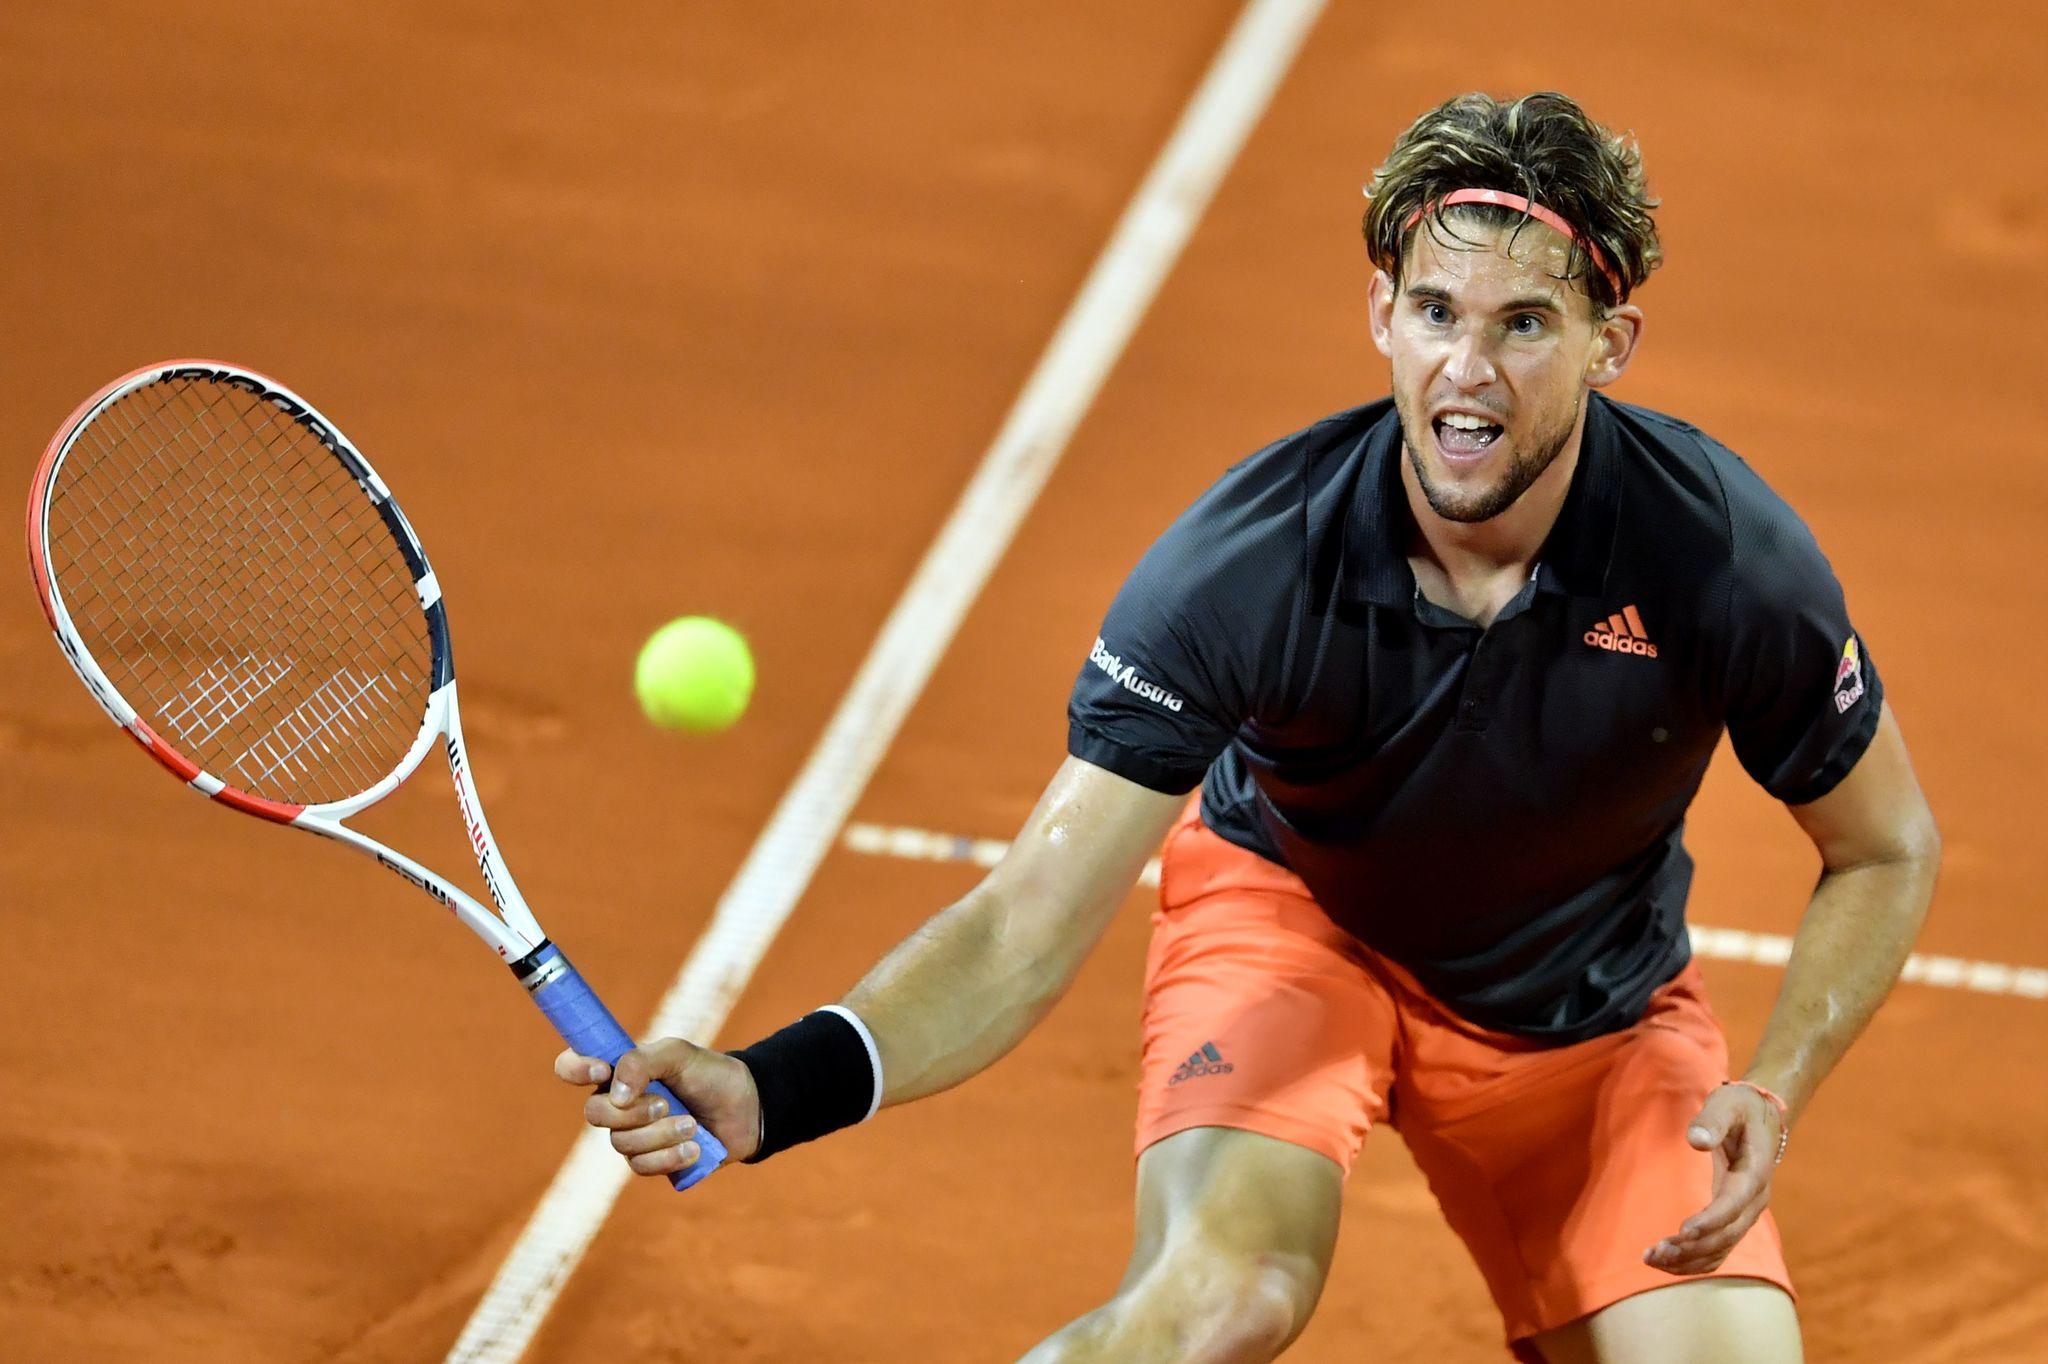 La hoja de ruta oficial de la ATP: Vuelta el 14 de agosto, con US Open, Mutua Madrid Open y Roland Garros